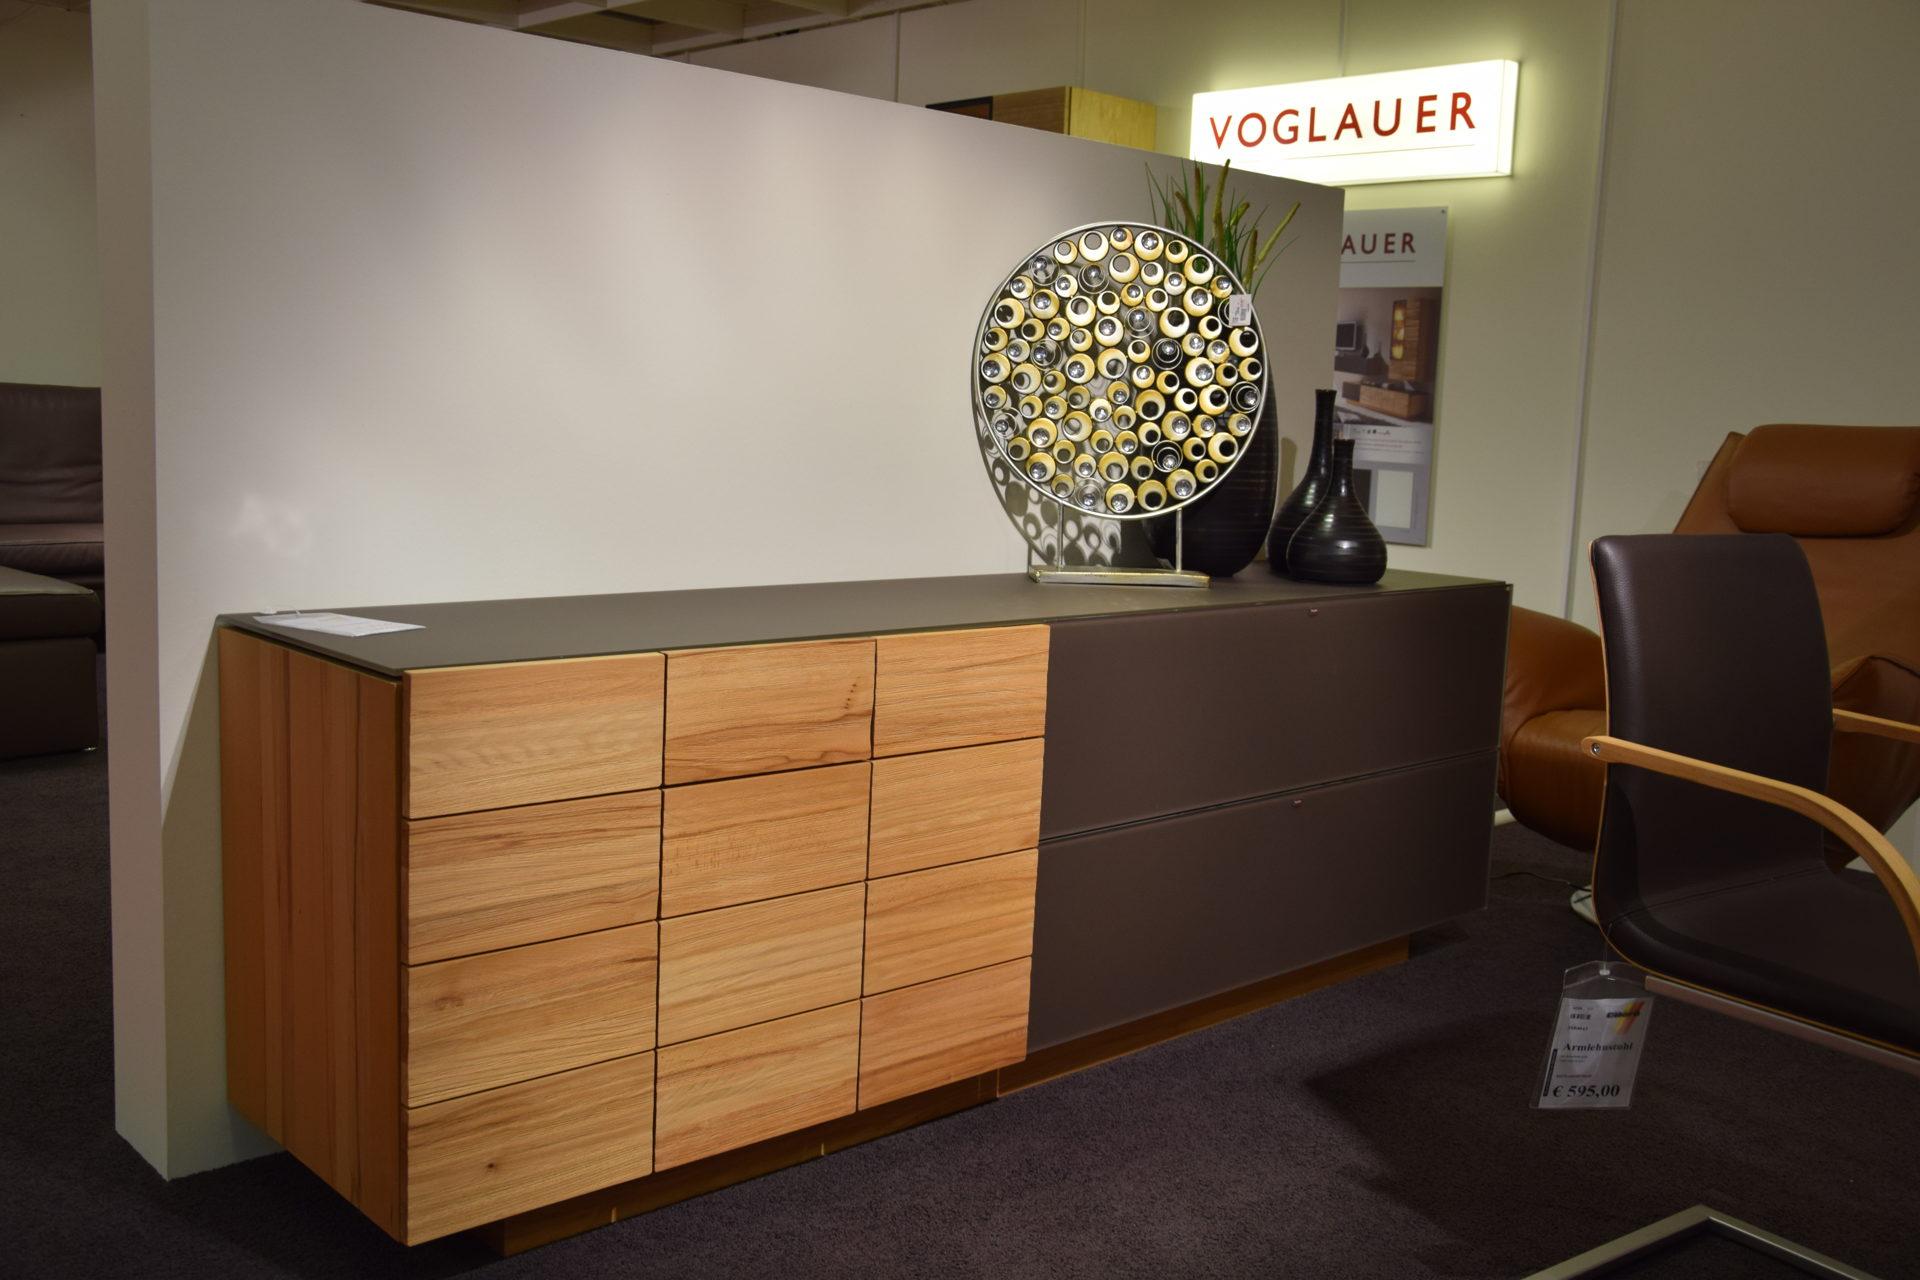 Möbel Eilers Apen, Abverkauf, Schlafzimmer, Sideboard, Sideboard ...